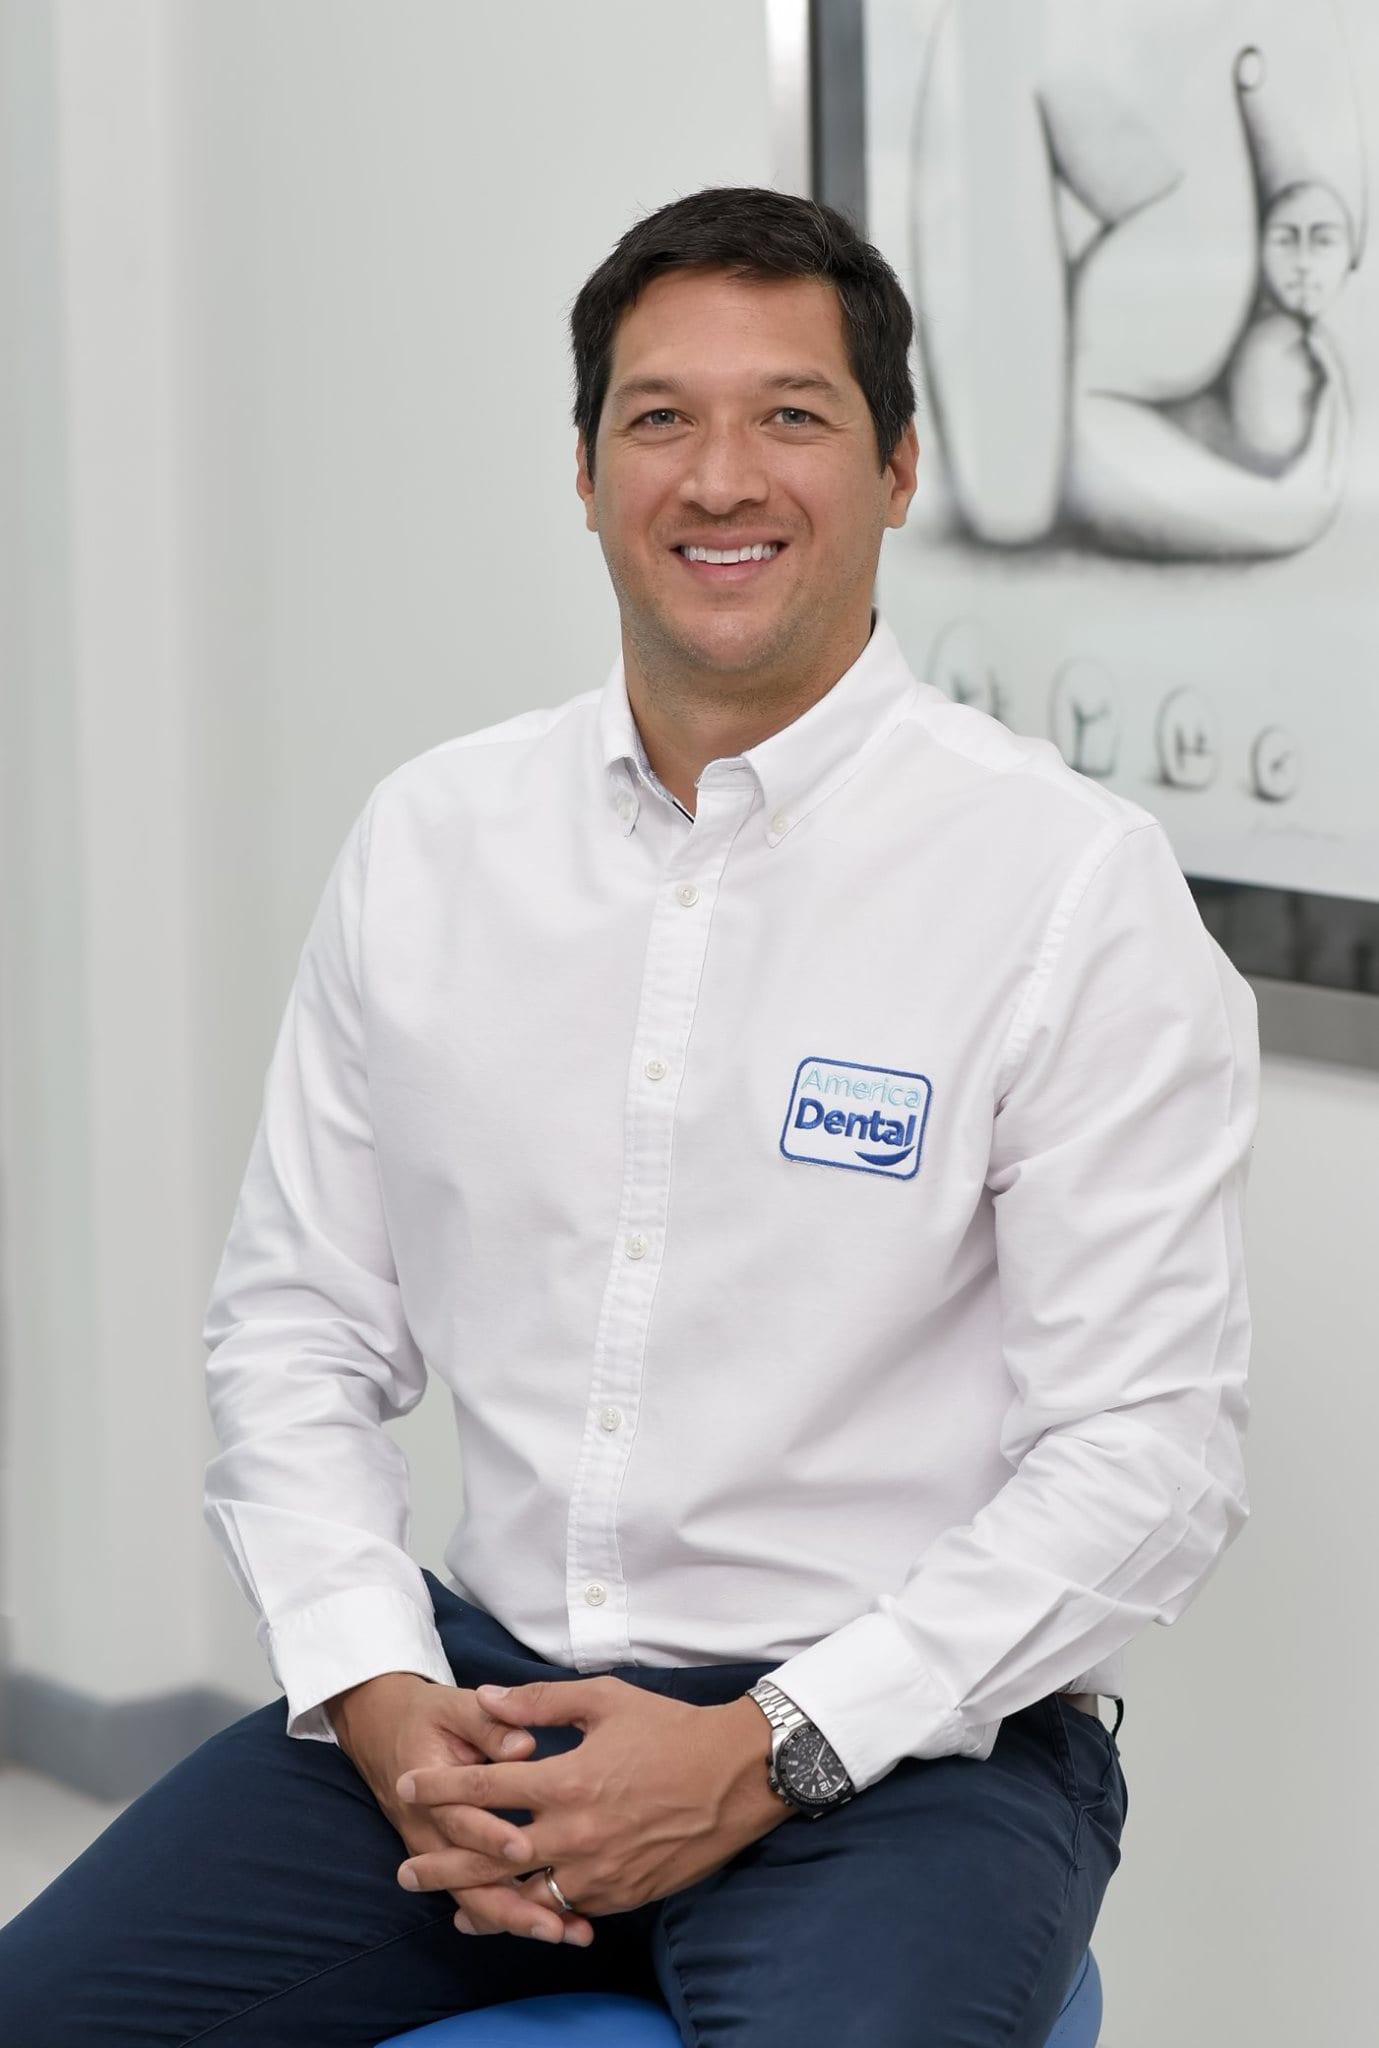 Dr. Vargas Gould